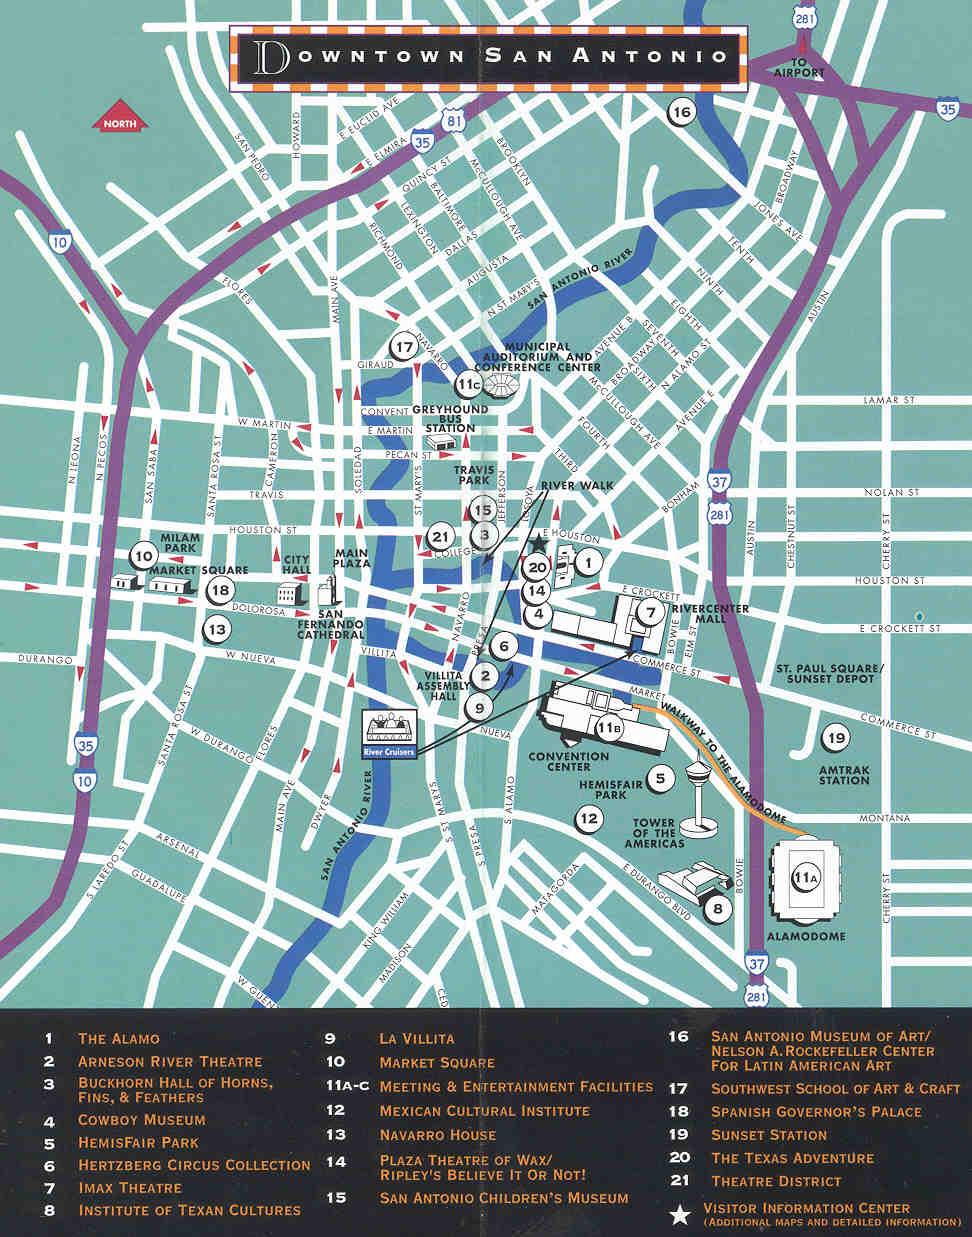 San Antonio Texas Tourist Map San Antonio Texas USA mappery – San Antonio Tourist Map